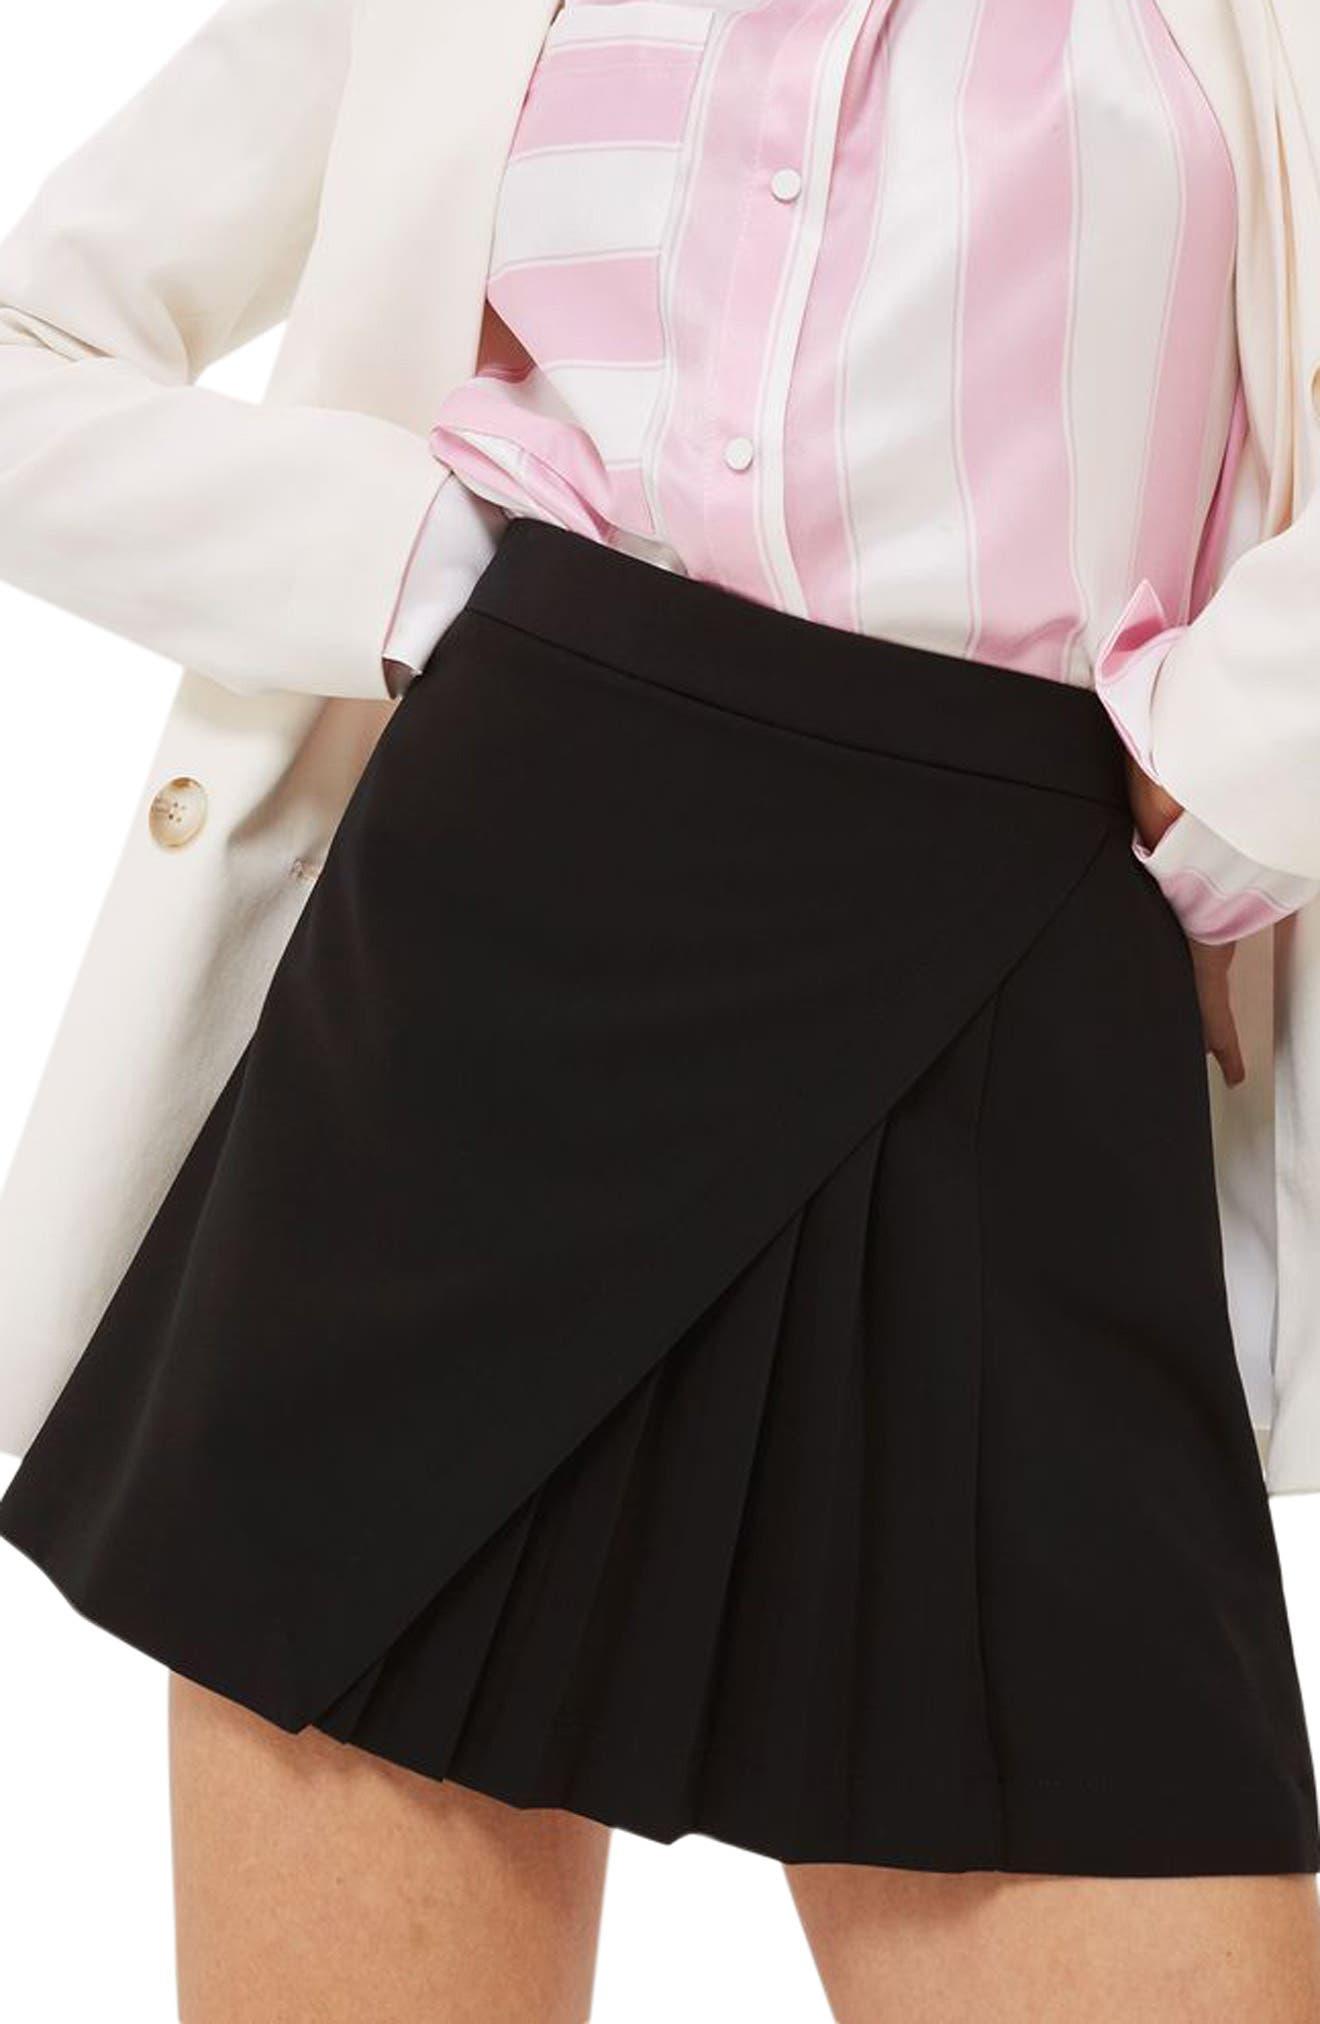 Alternate Image 1 Selected - Topshop Pleated Panel Miniskirt